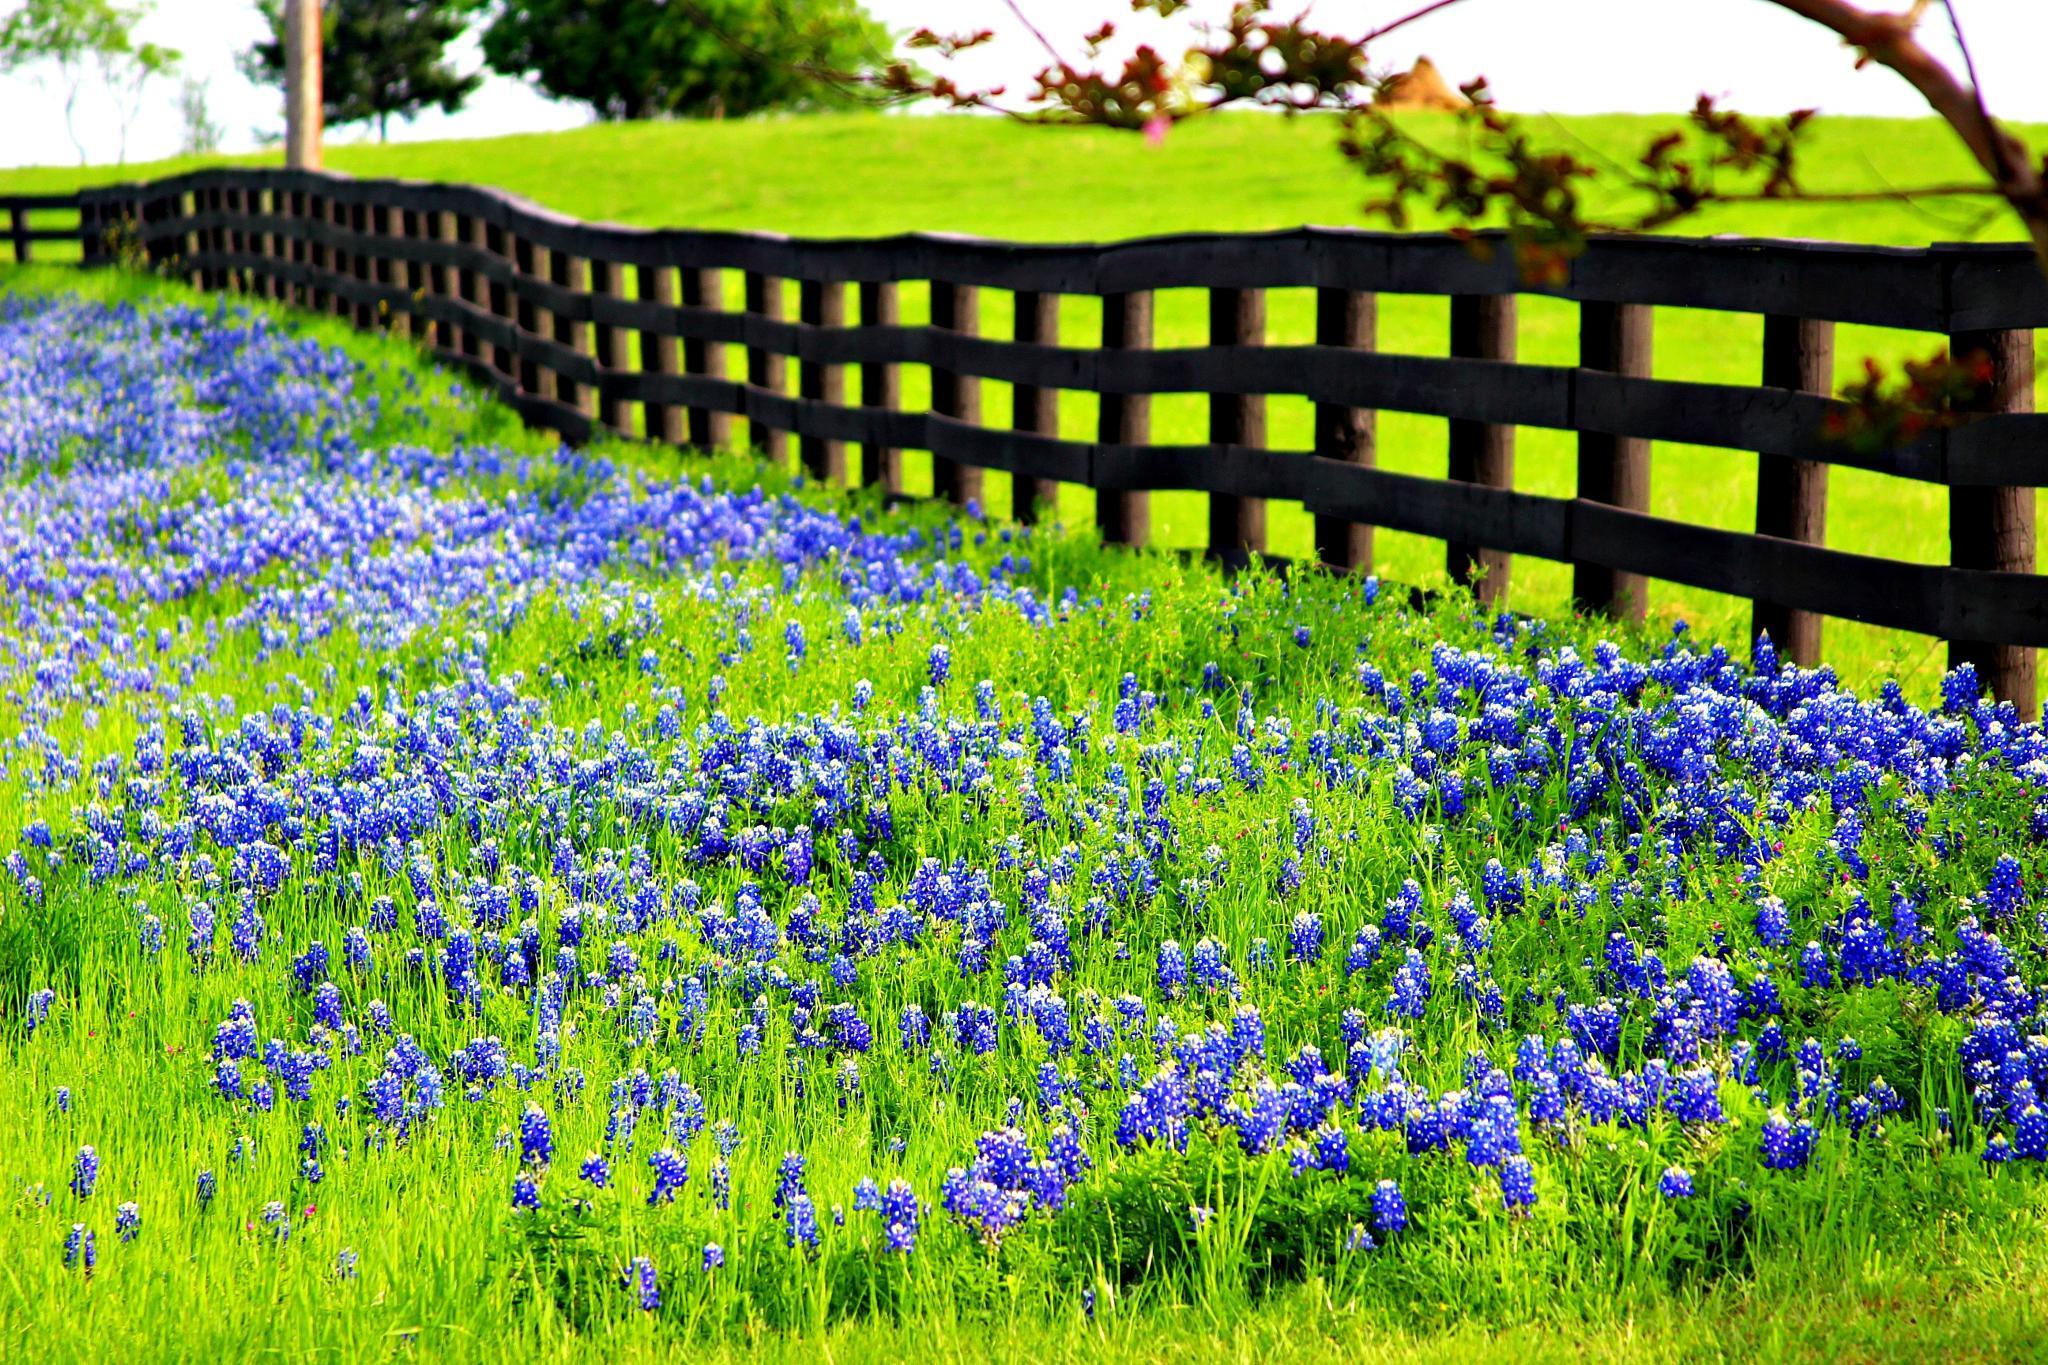 Bluebonnet Trails In Ennis, Texas by Irelandred